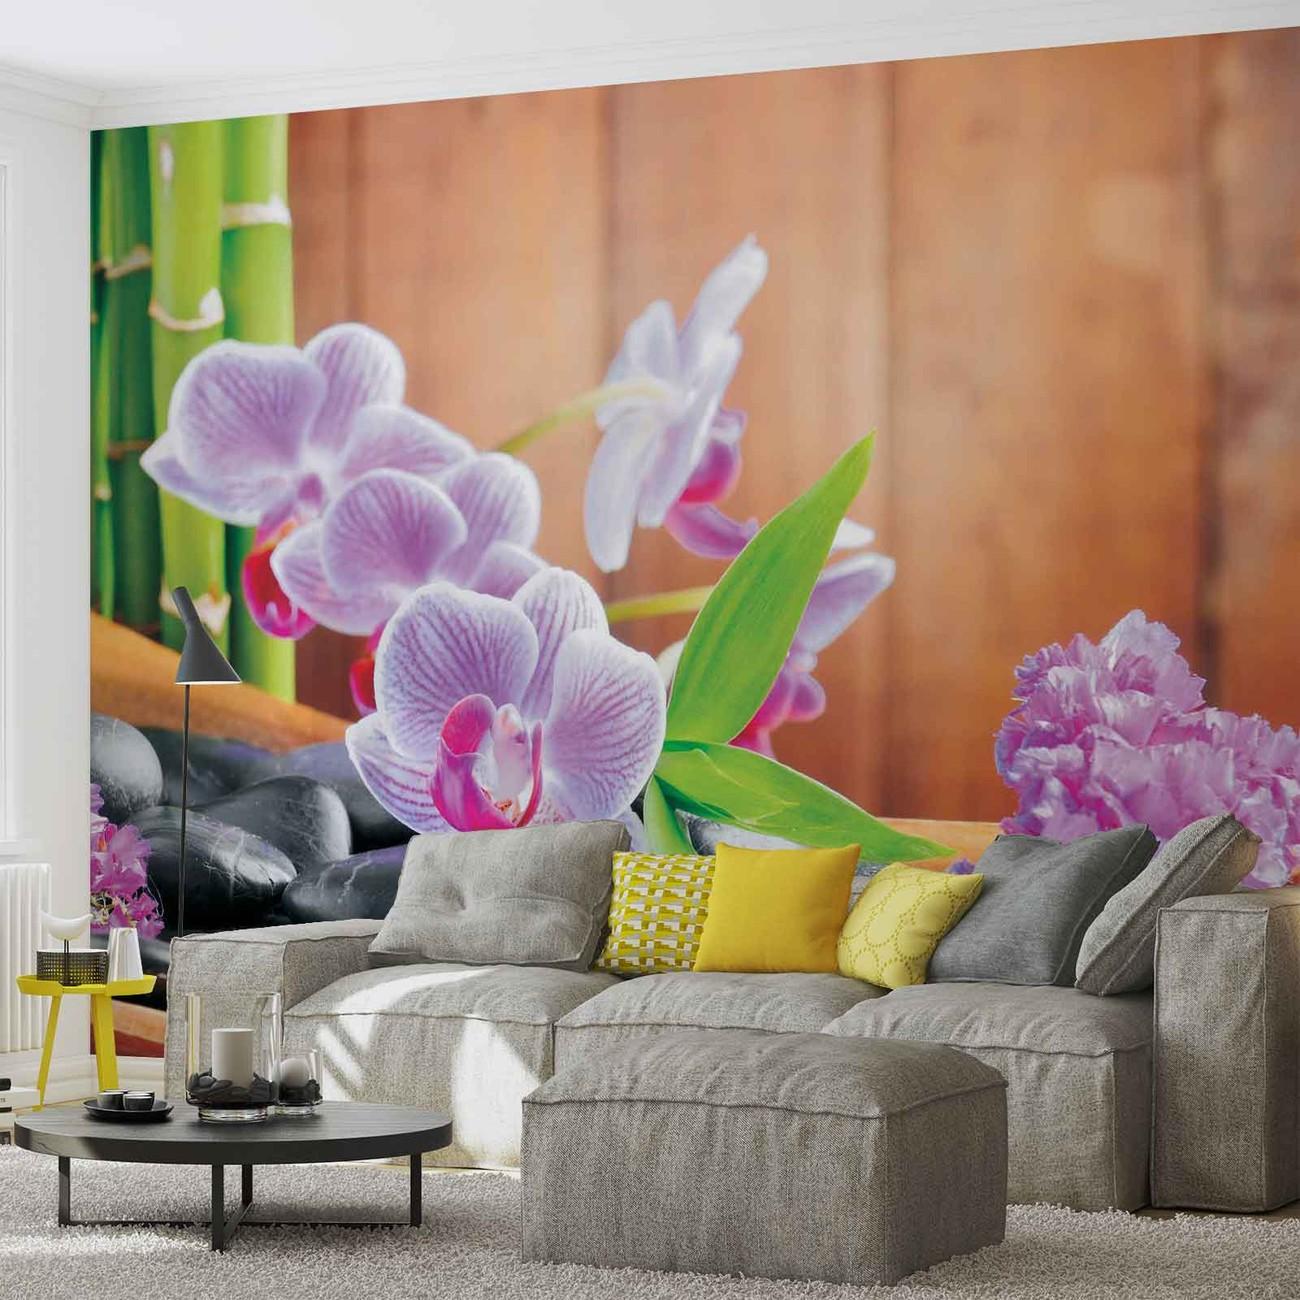 fleurs orchid es zen poster mural papier peint acheter le sur. Black Bedroom Furniture Sets. Home Design Ideas